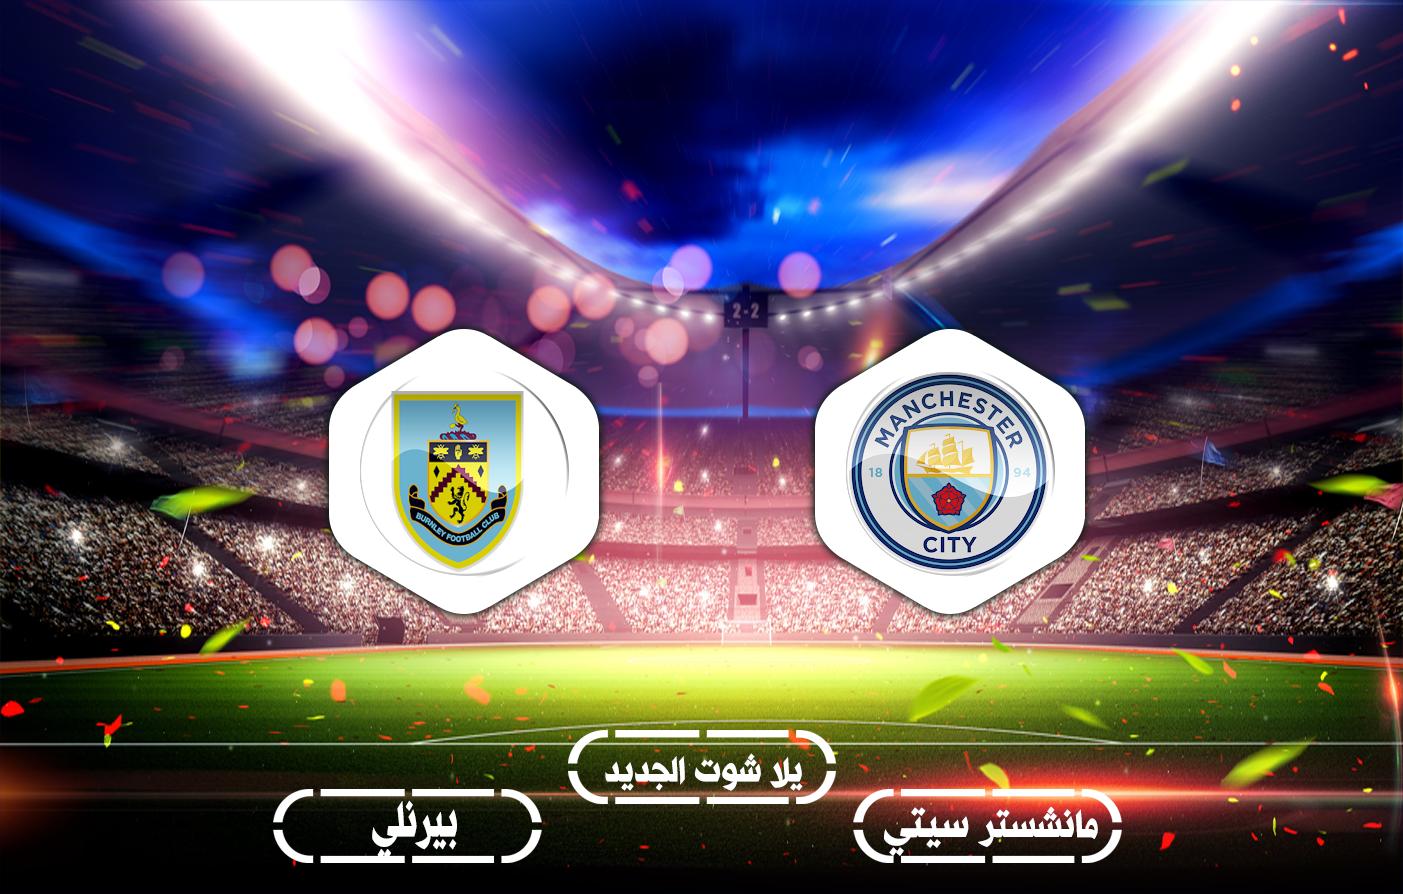 مشاهدة مباراة مانشستر سيتي وبيرنلي بث مباشر  30-09-2020  كأس الرابطة الإنجليزية